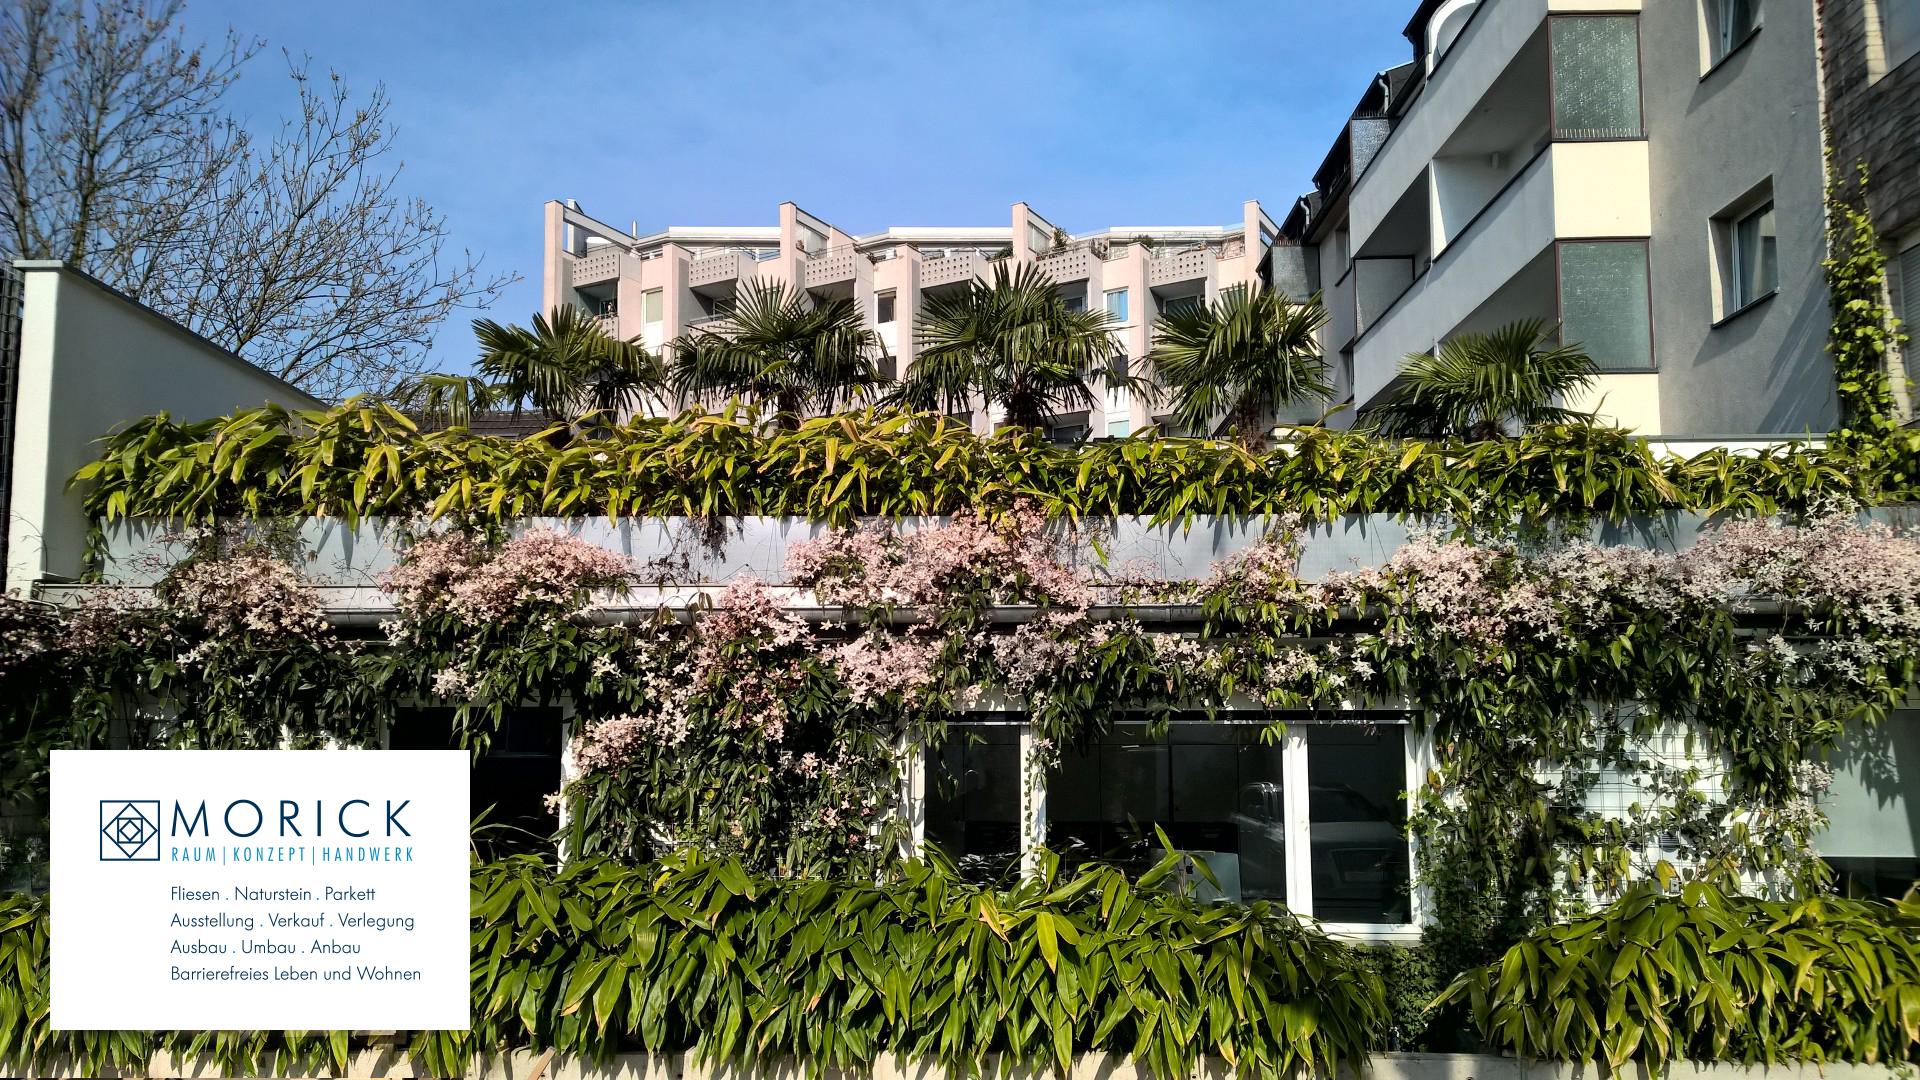 Grüner Gewerbehof bei der Morick GmbH